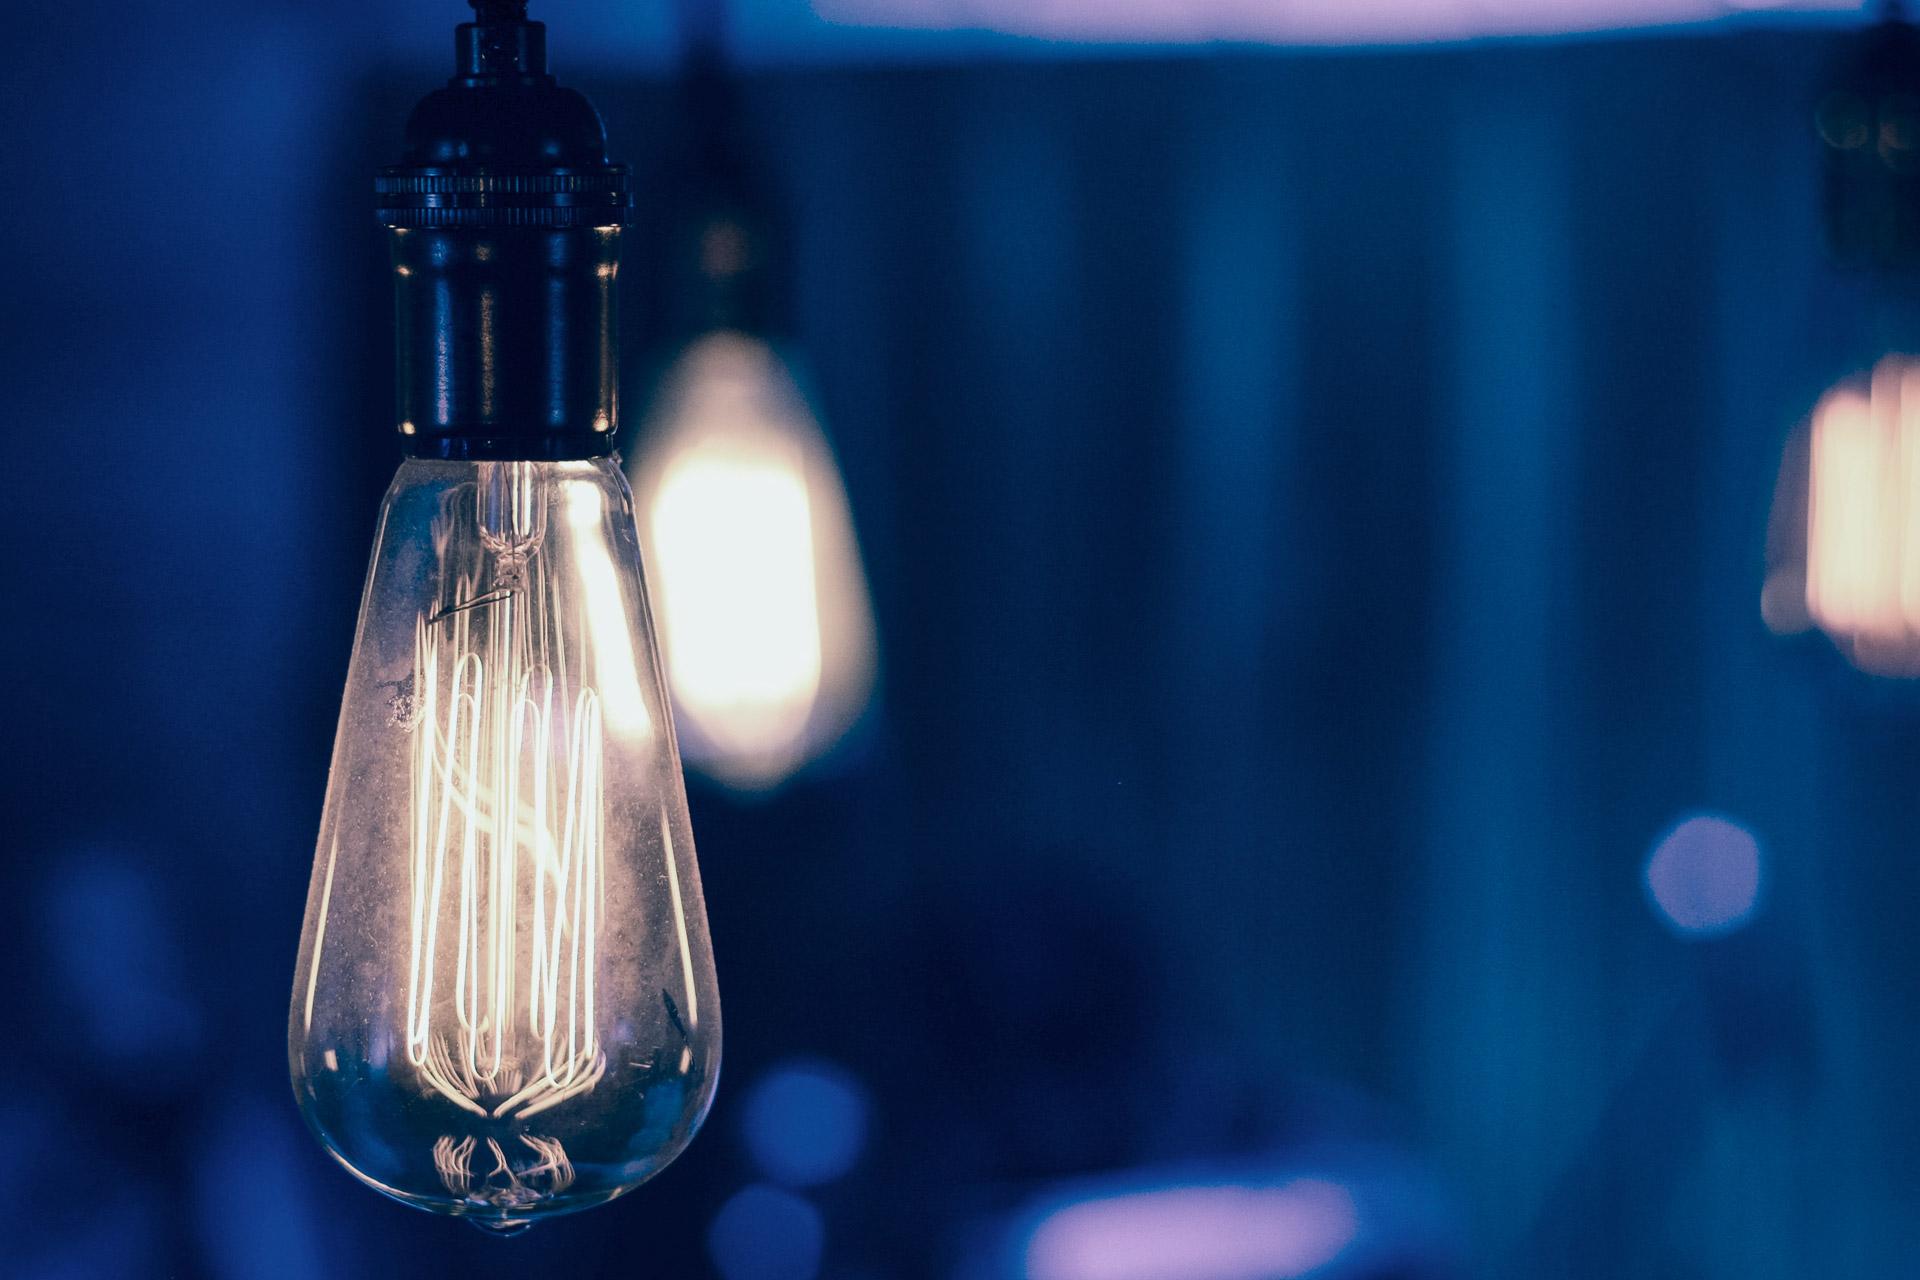 Atribuciones Varias bombillas representan ideas de innovación